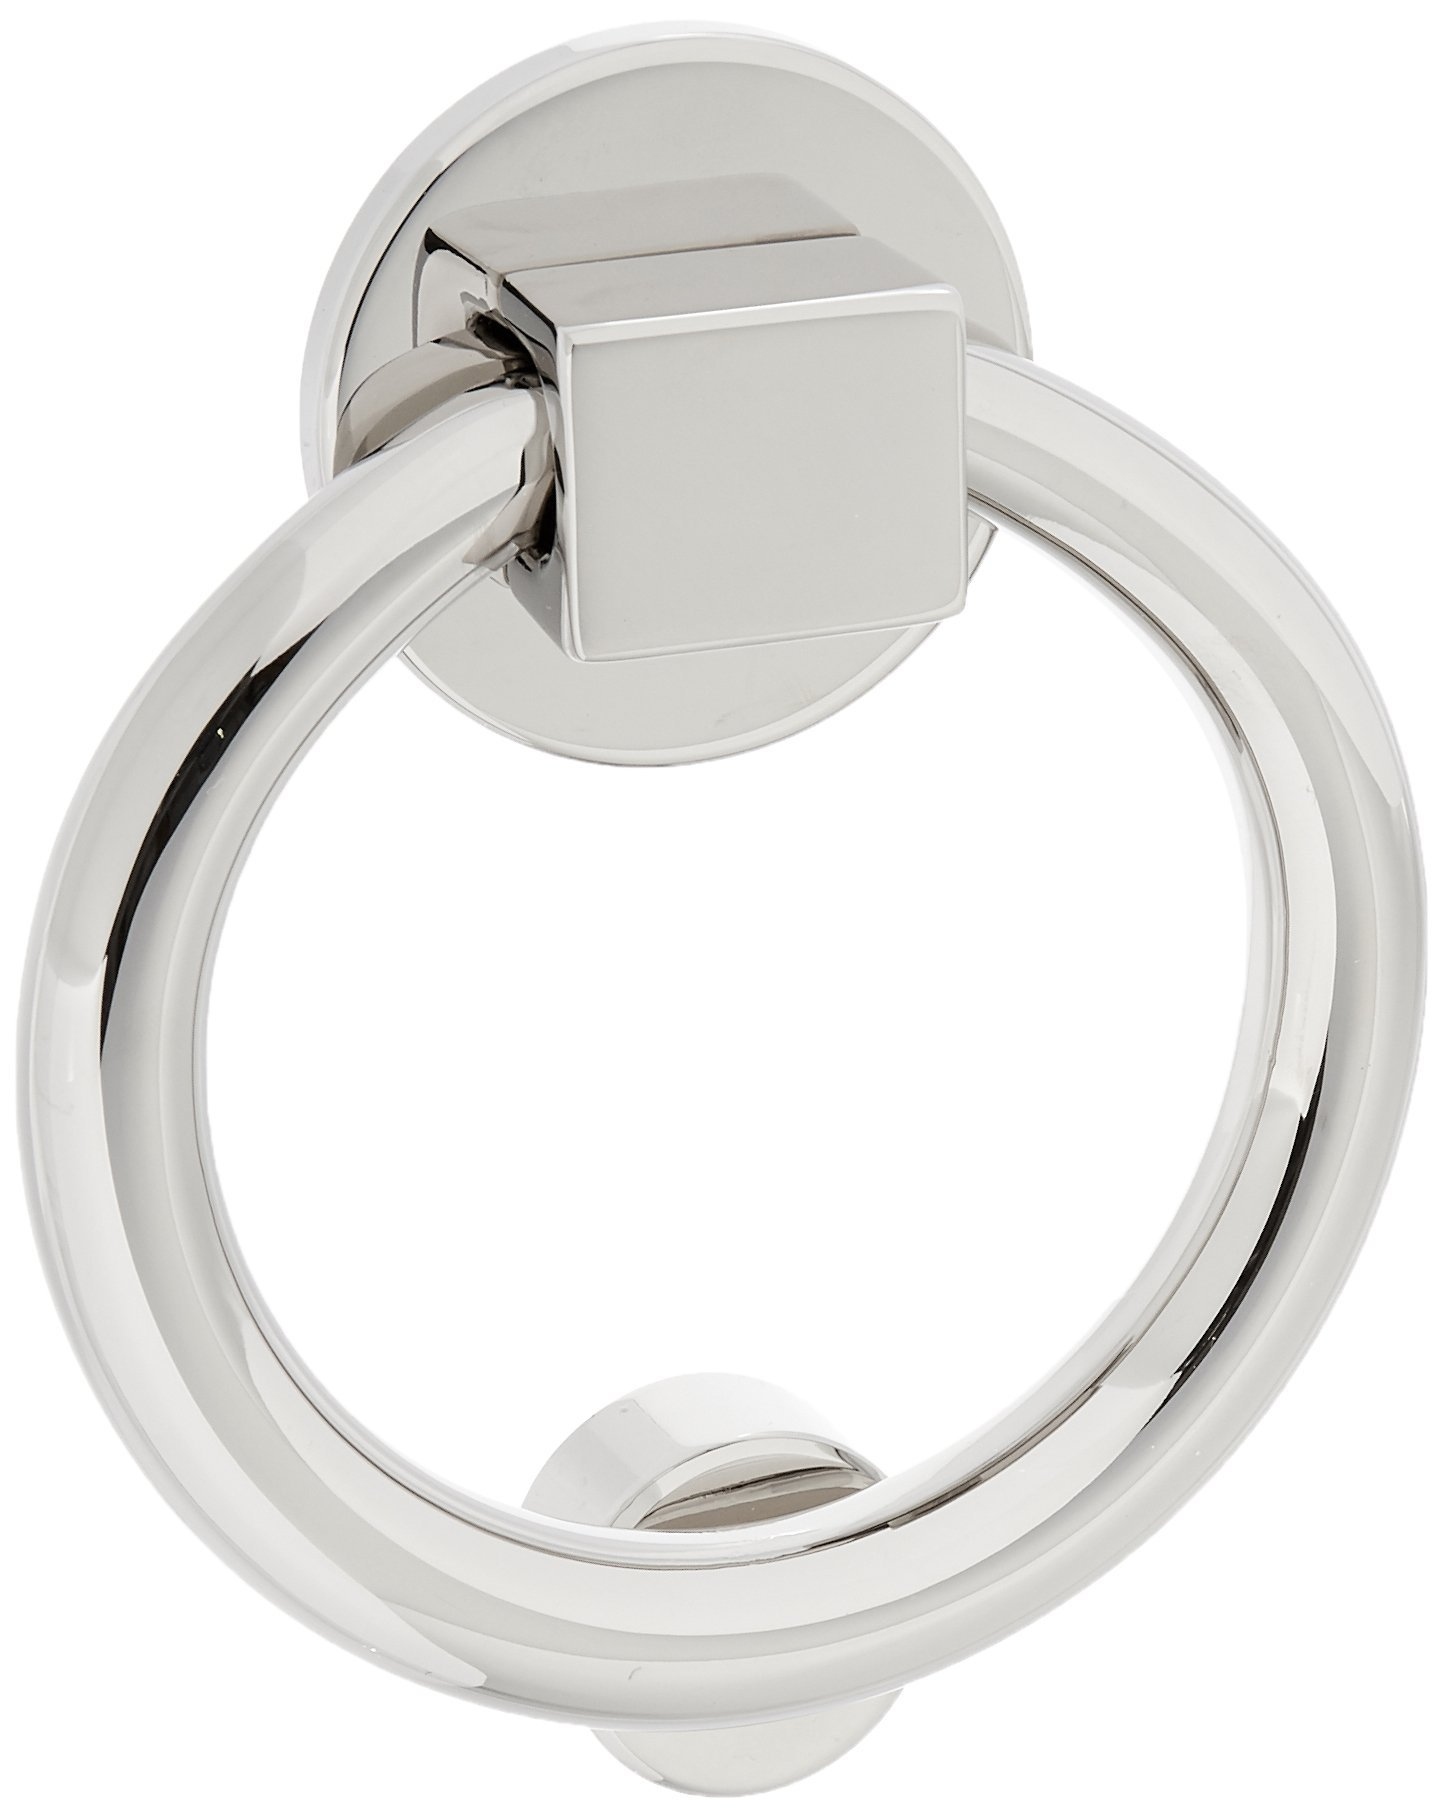 Baldwin 0195055 Ring Door Knocker, Lifetime Bright Nickel